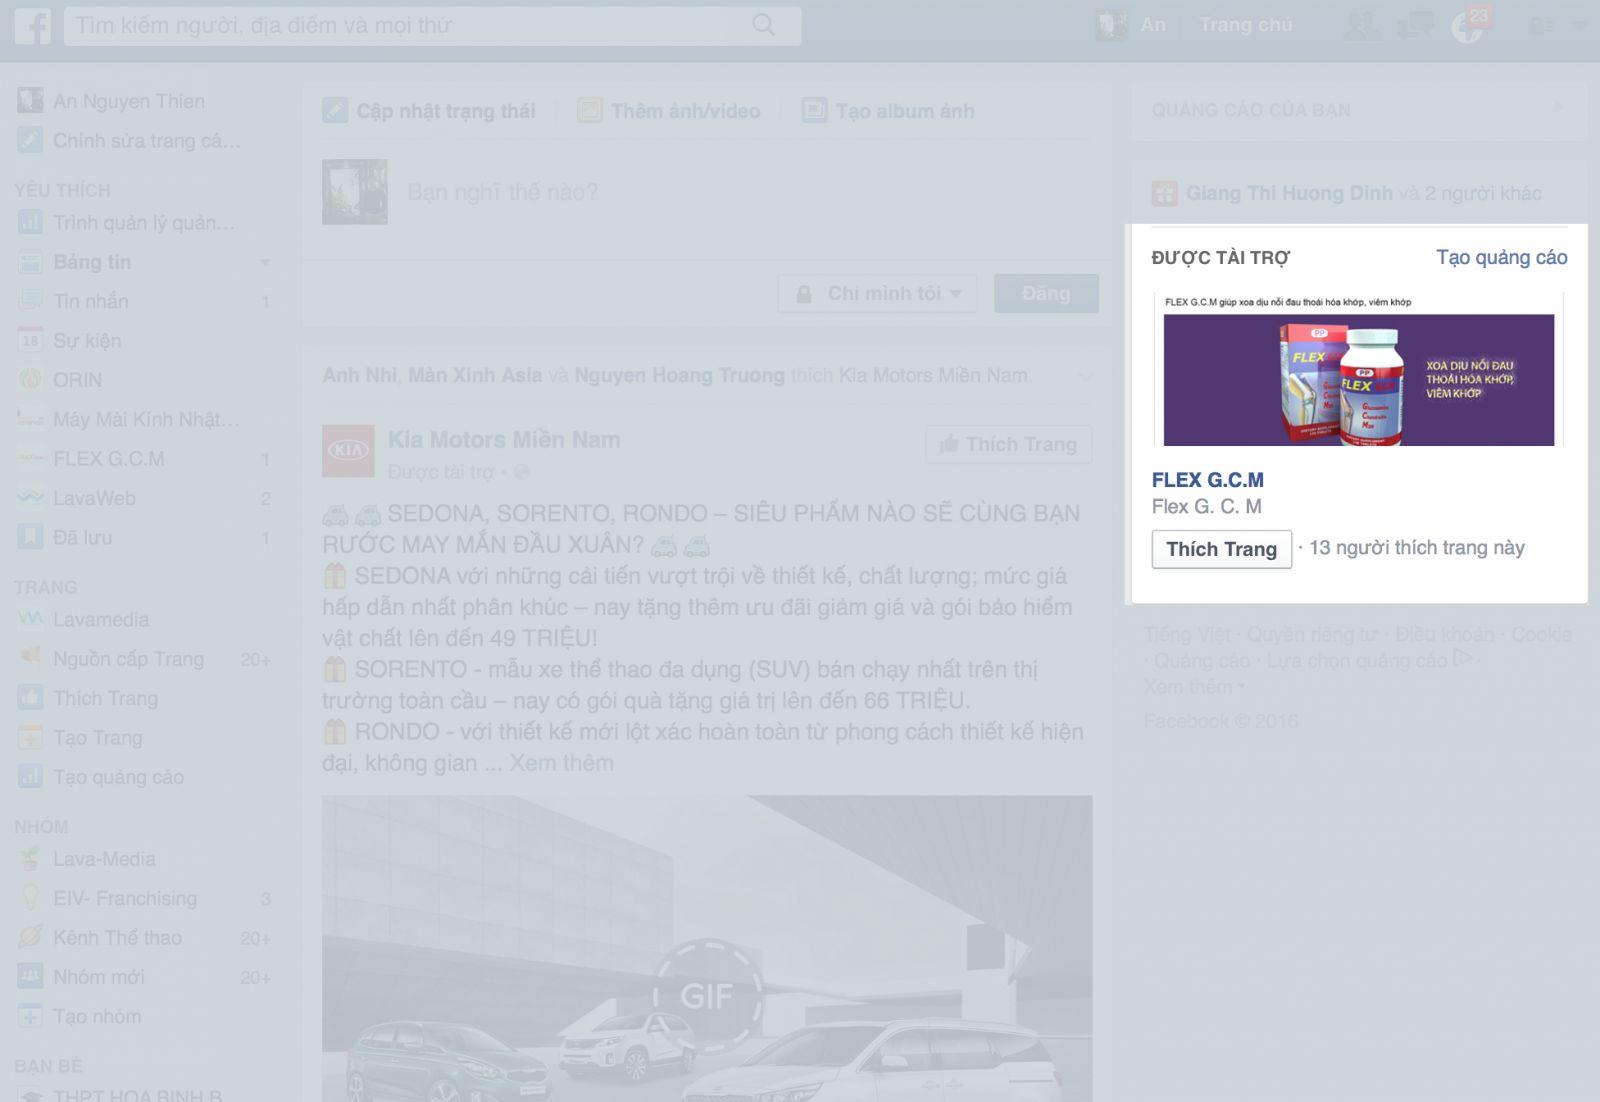 quang cao facebook cot ben phai